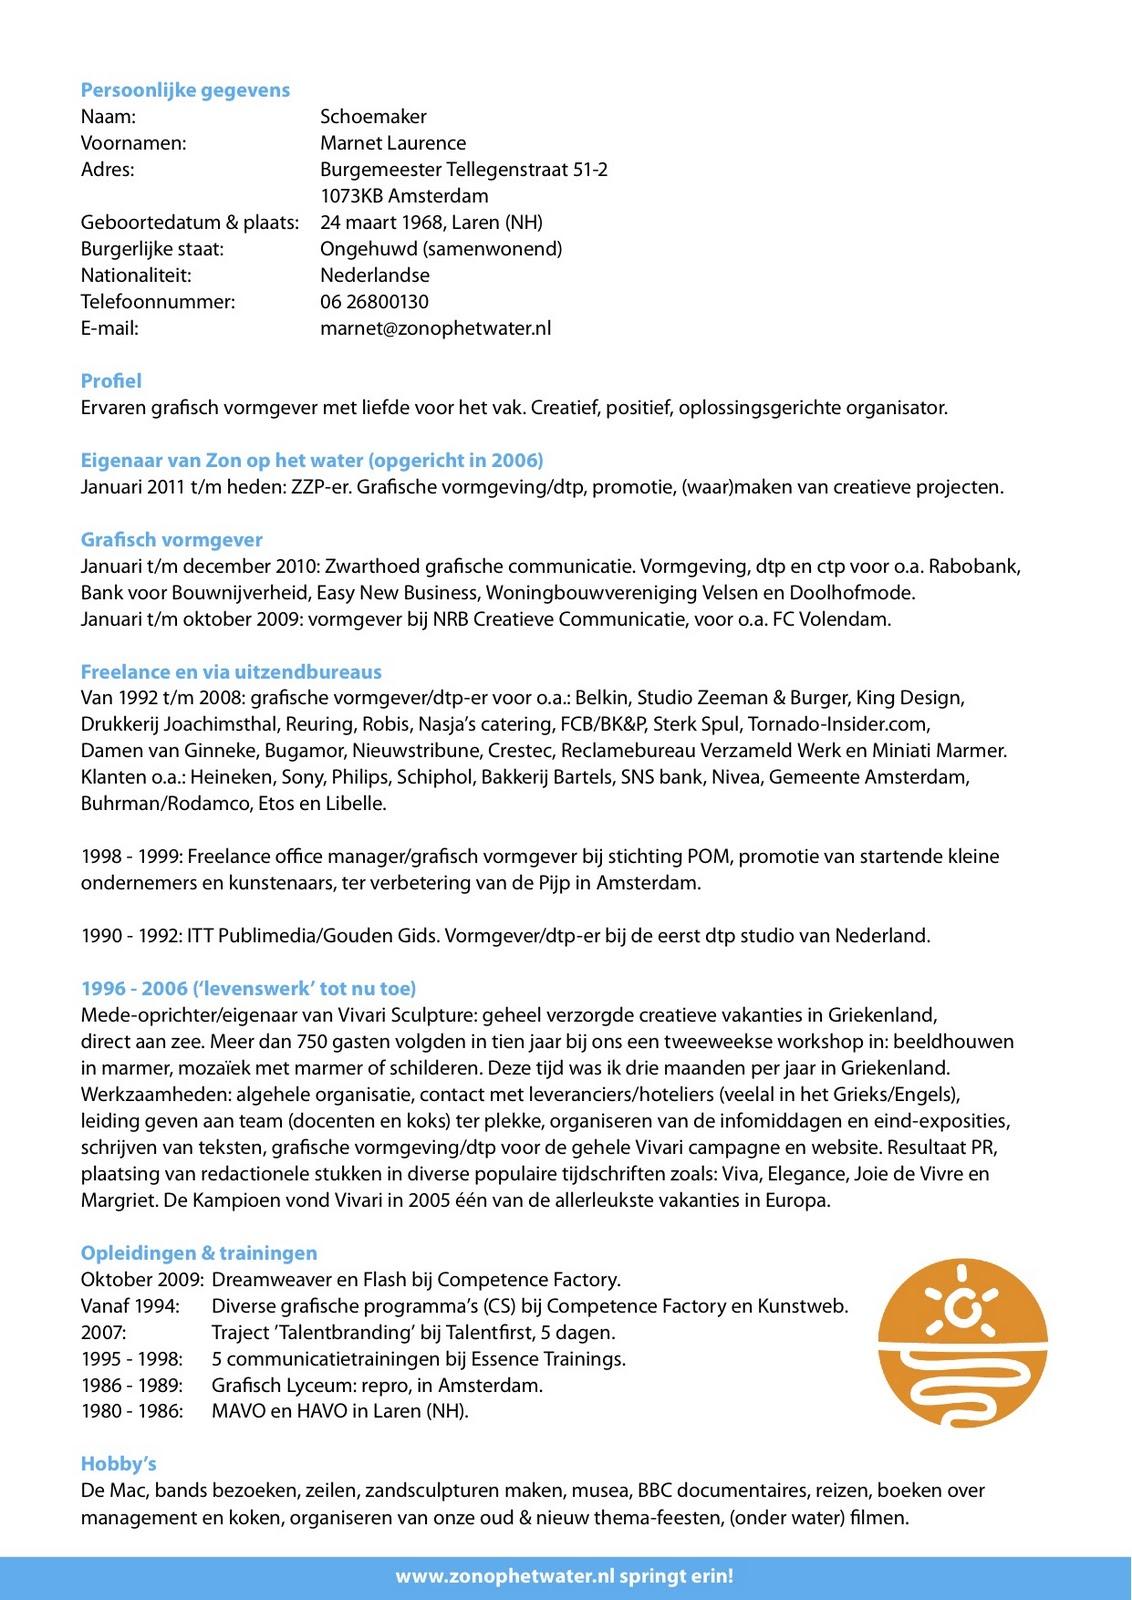 cv in nederlands Curriculum Vitae Example Nederlands | plks.tk